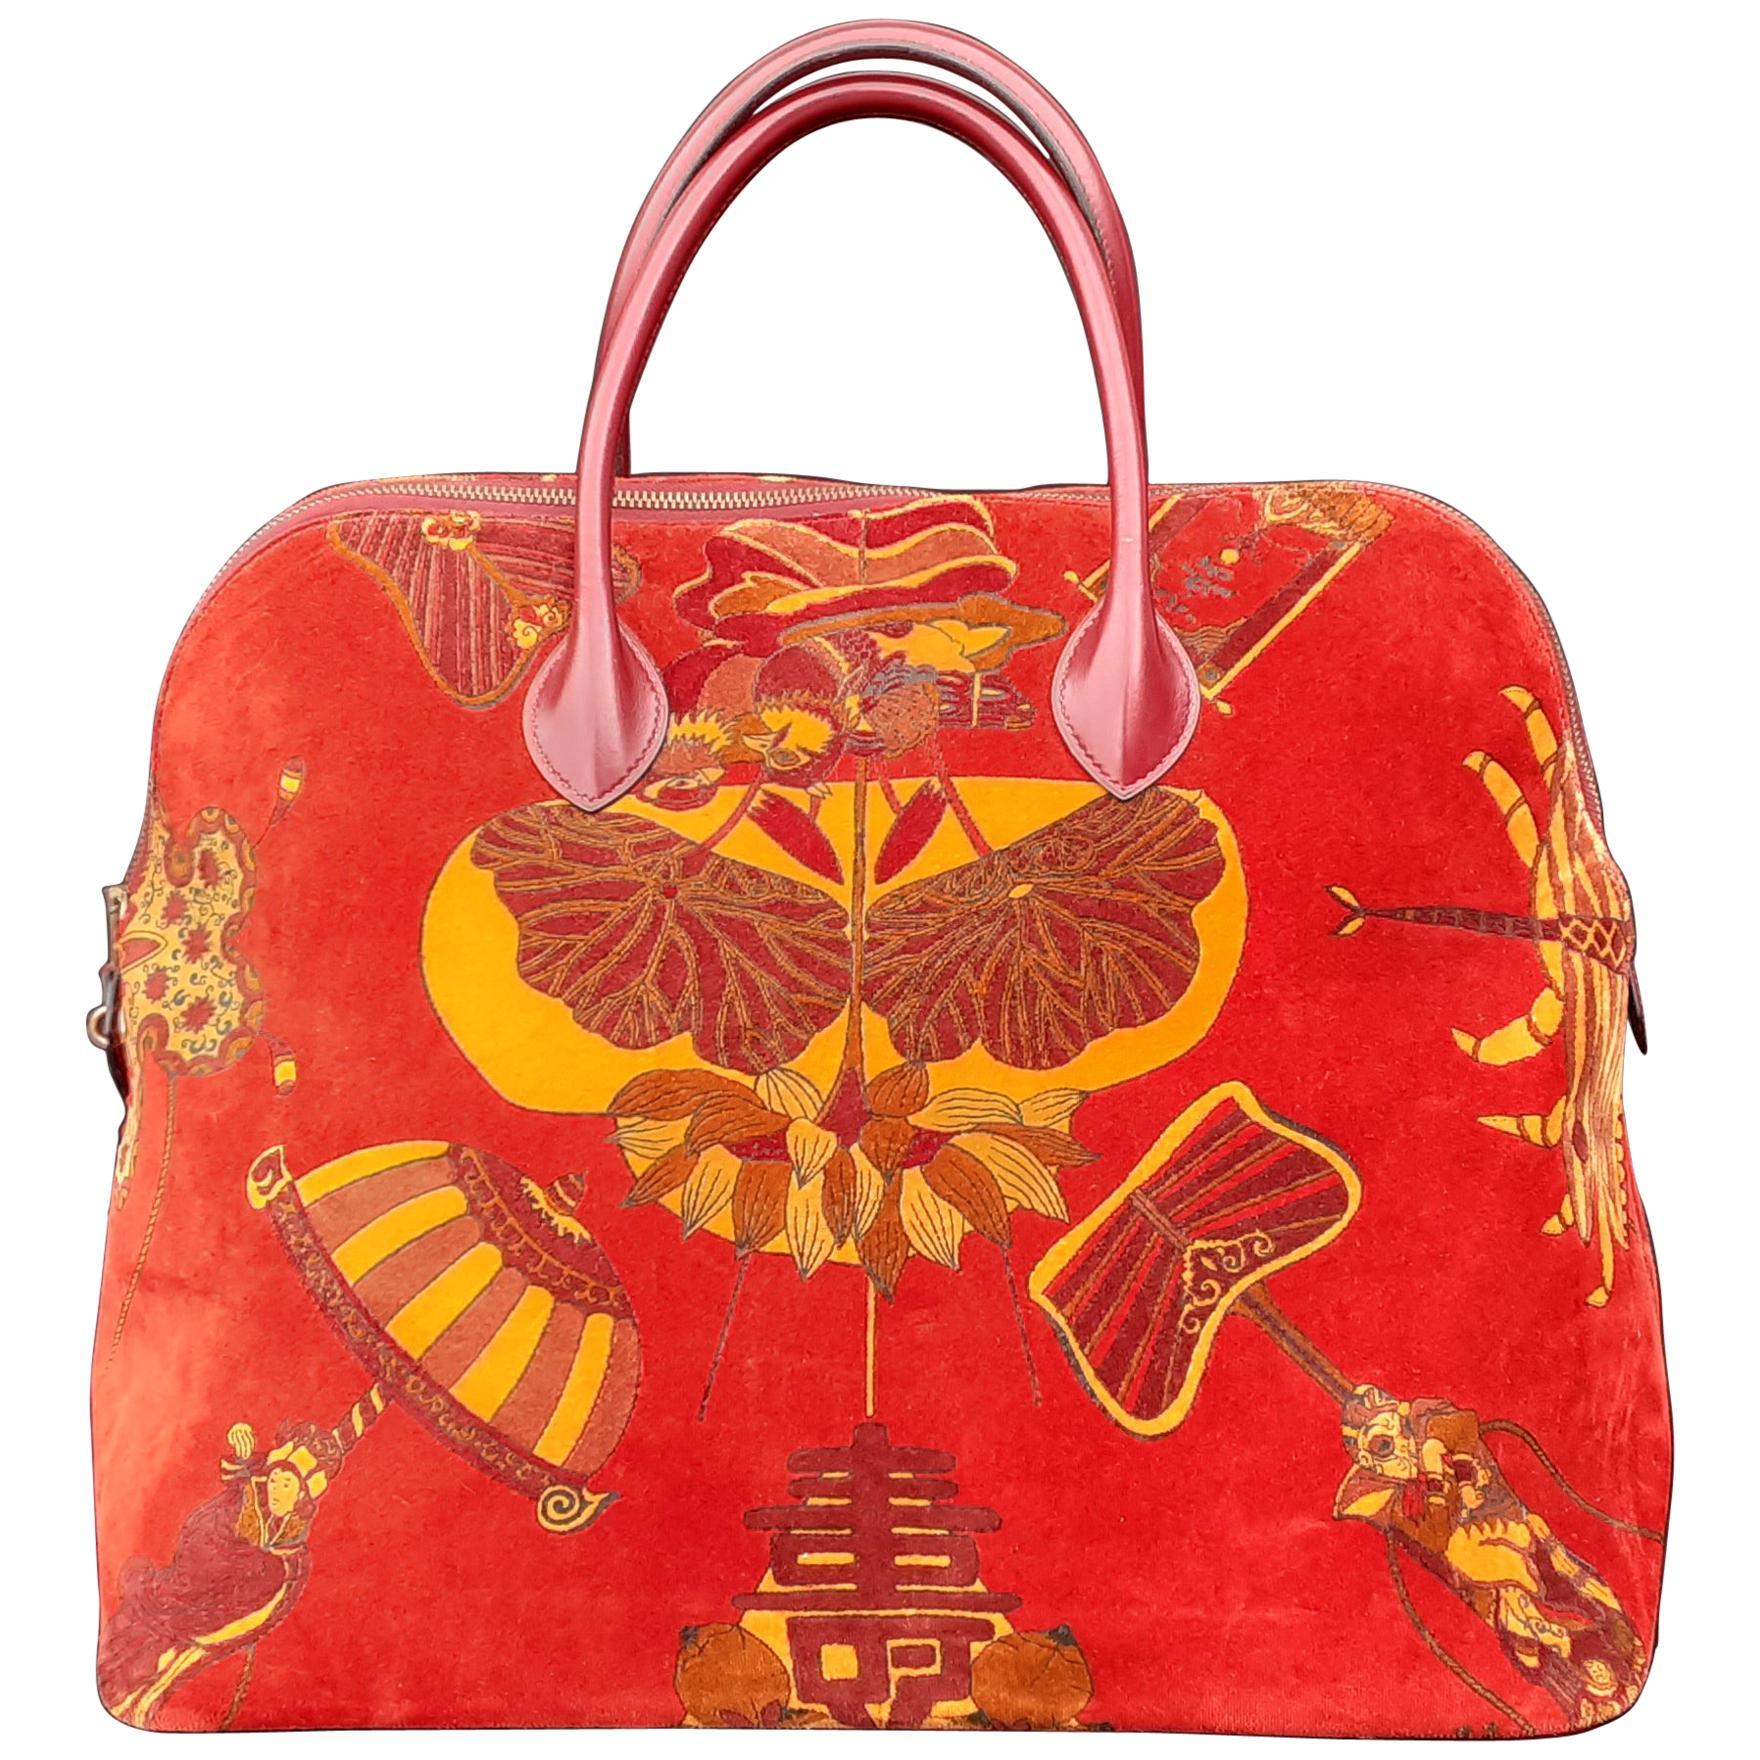 Exceptional Hermès Vintage Bolide Bag Velvet Leather Soies Volantes Unique Piece